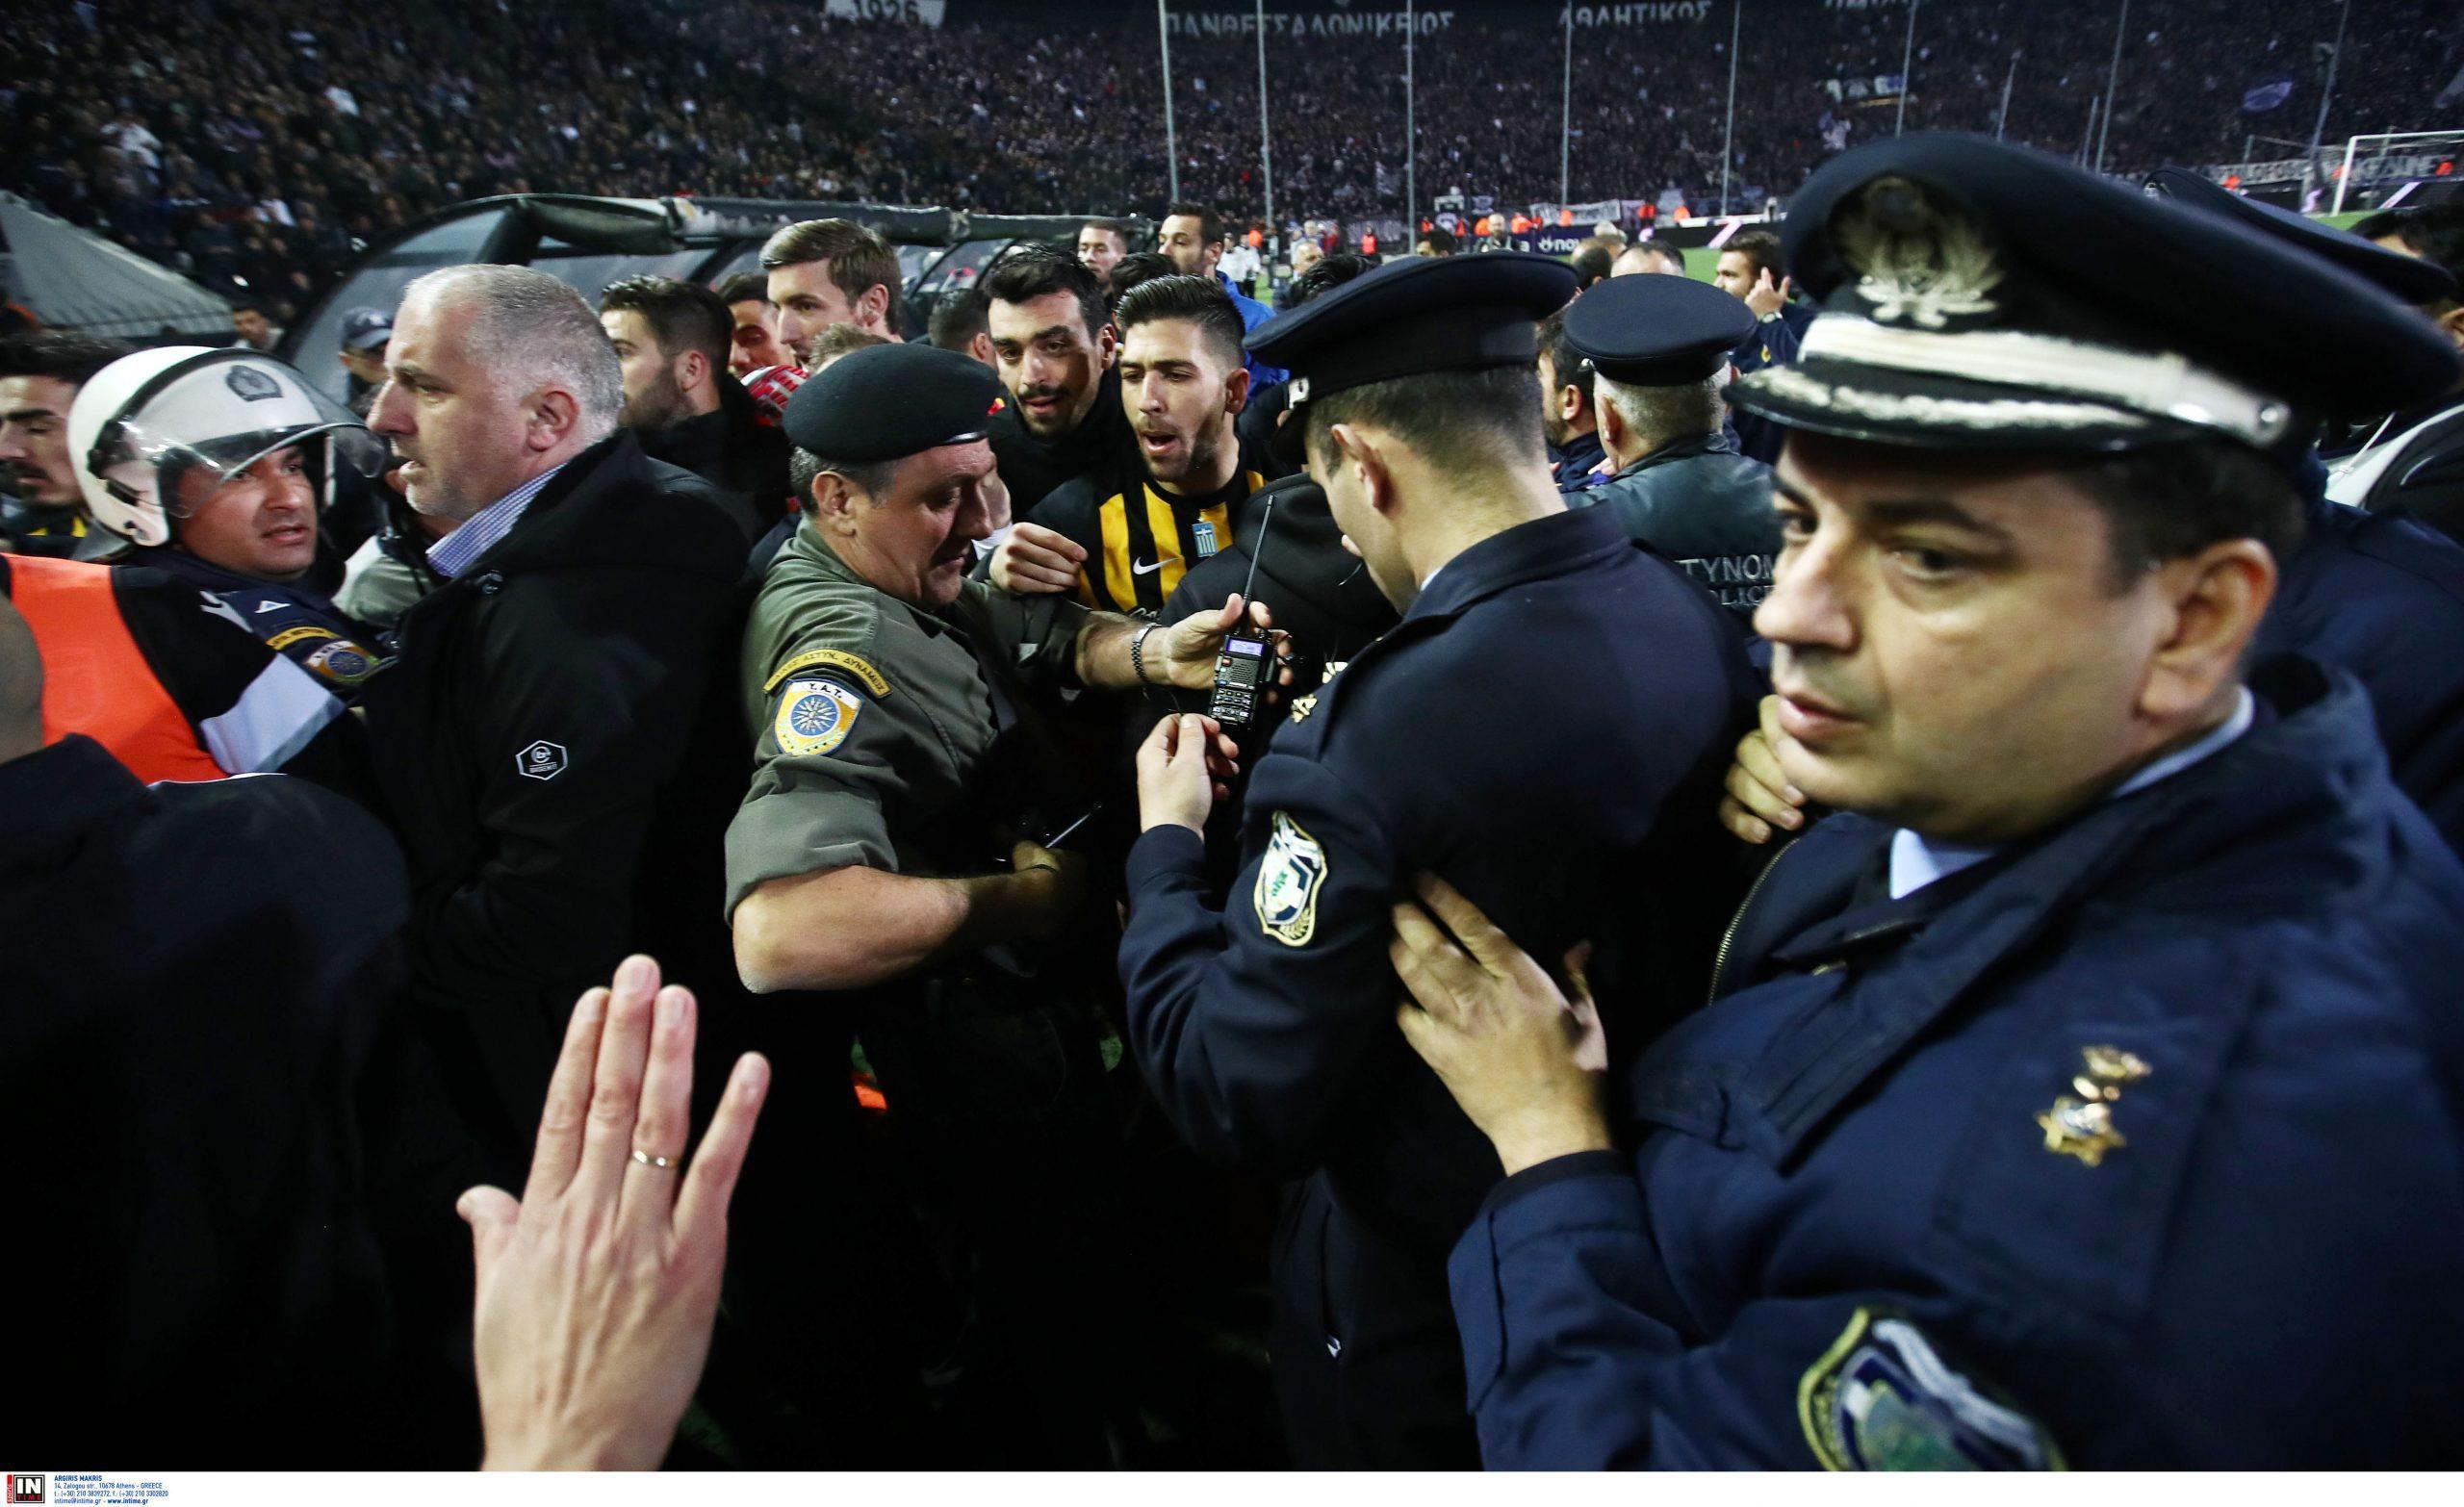 Τι θα αλλάξει τελικά στο Ελληνικό ποδόσφαιρο ; - Sportime.GR